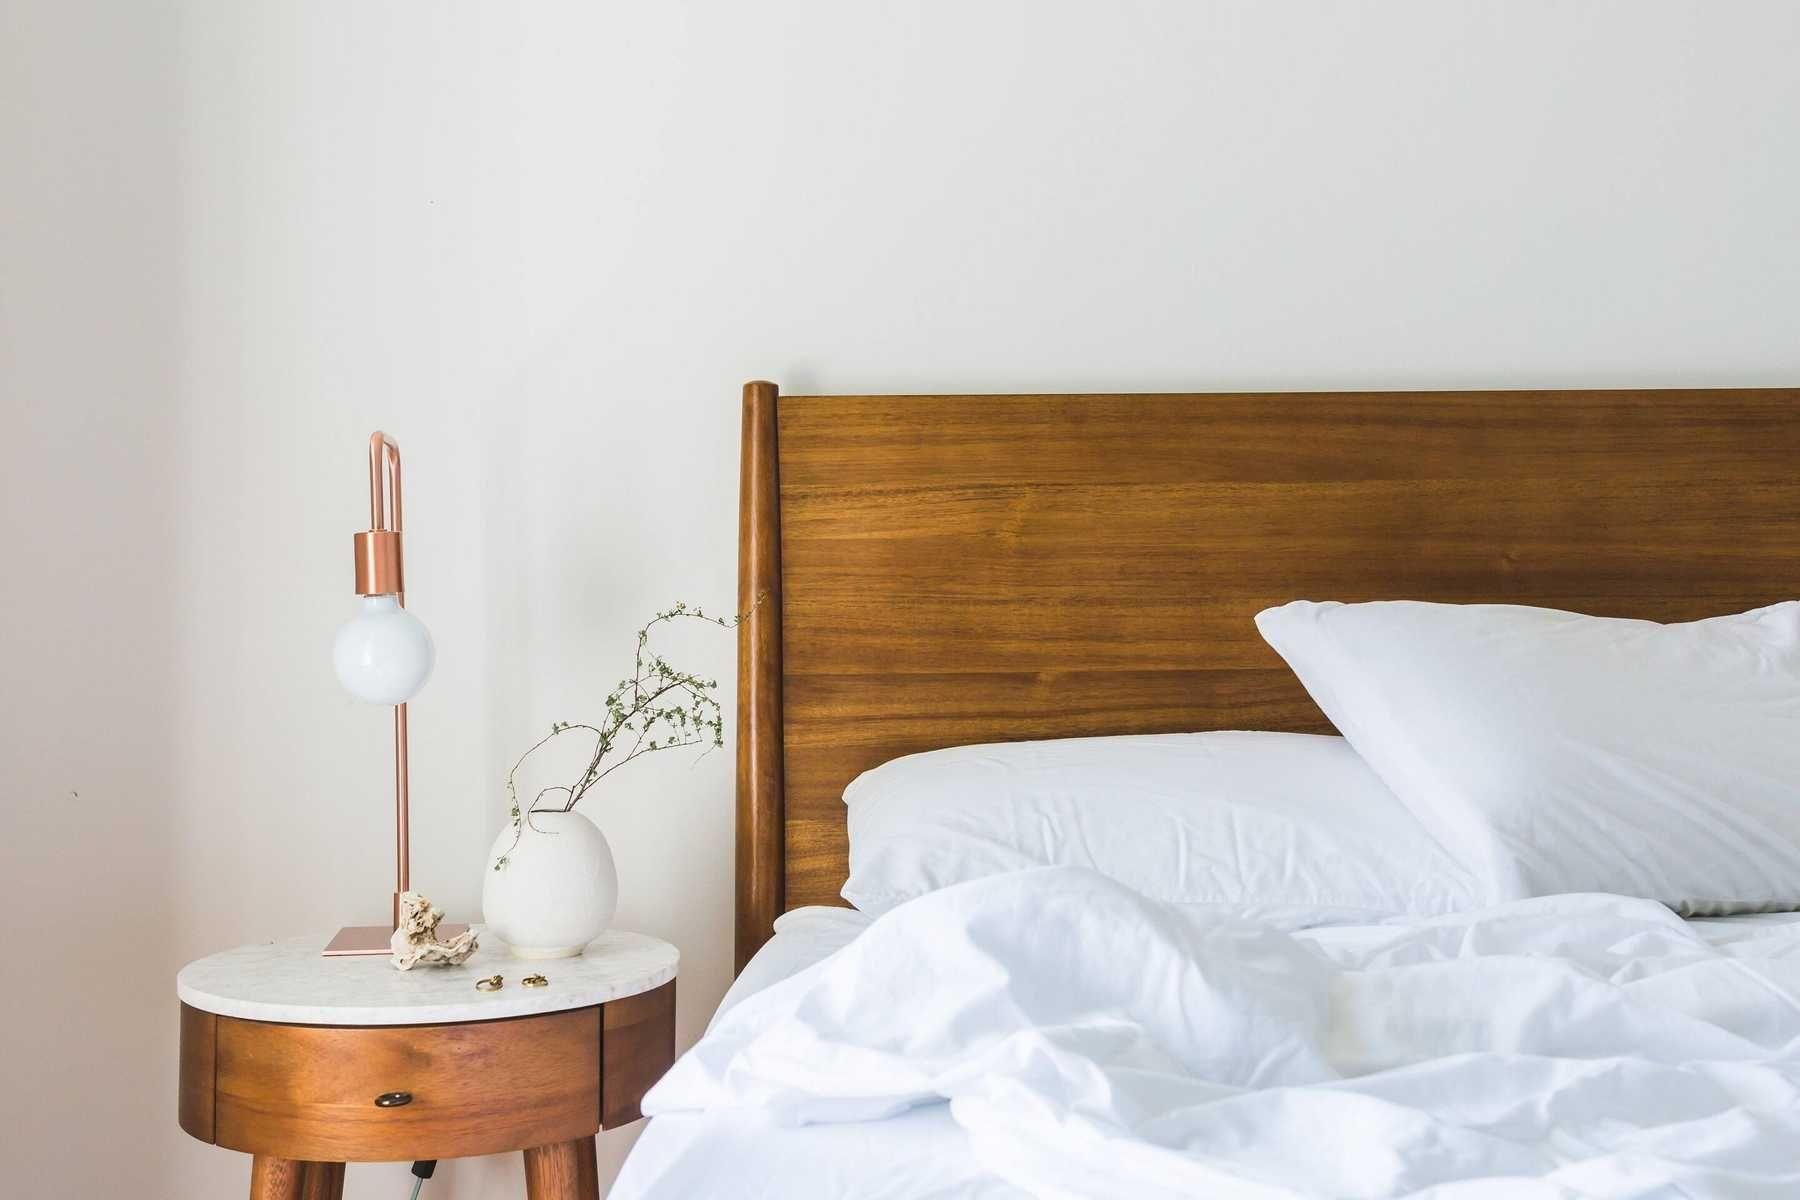 Bố trí phòng ngủ với ánh sáng dịu nhẹ